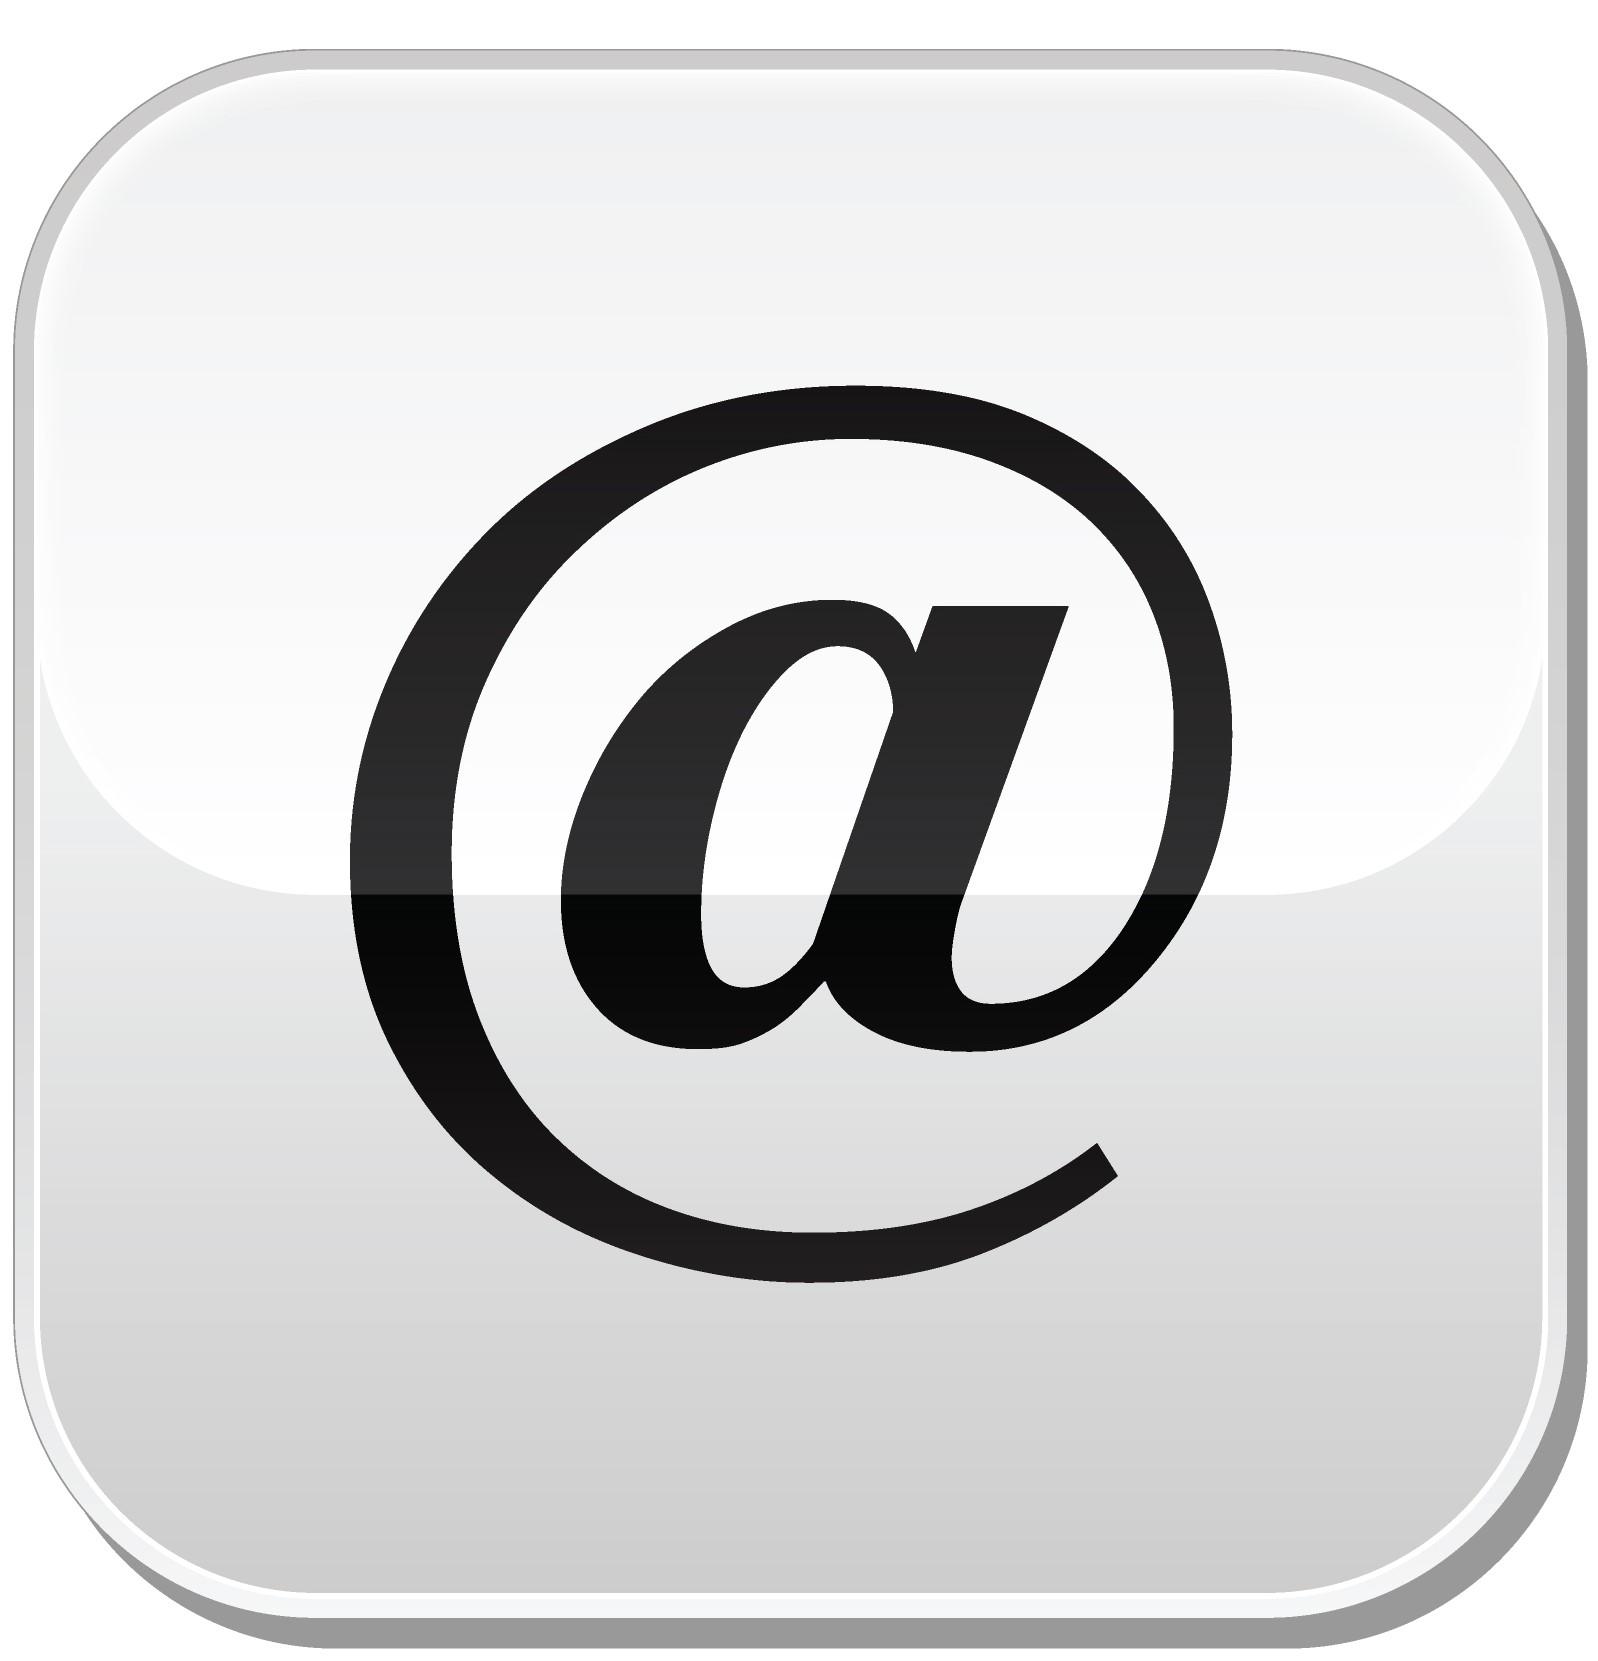 ikona_email_zerowastelife